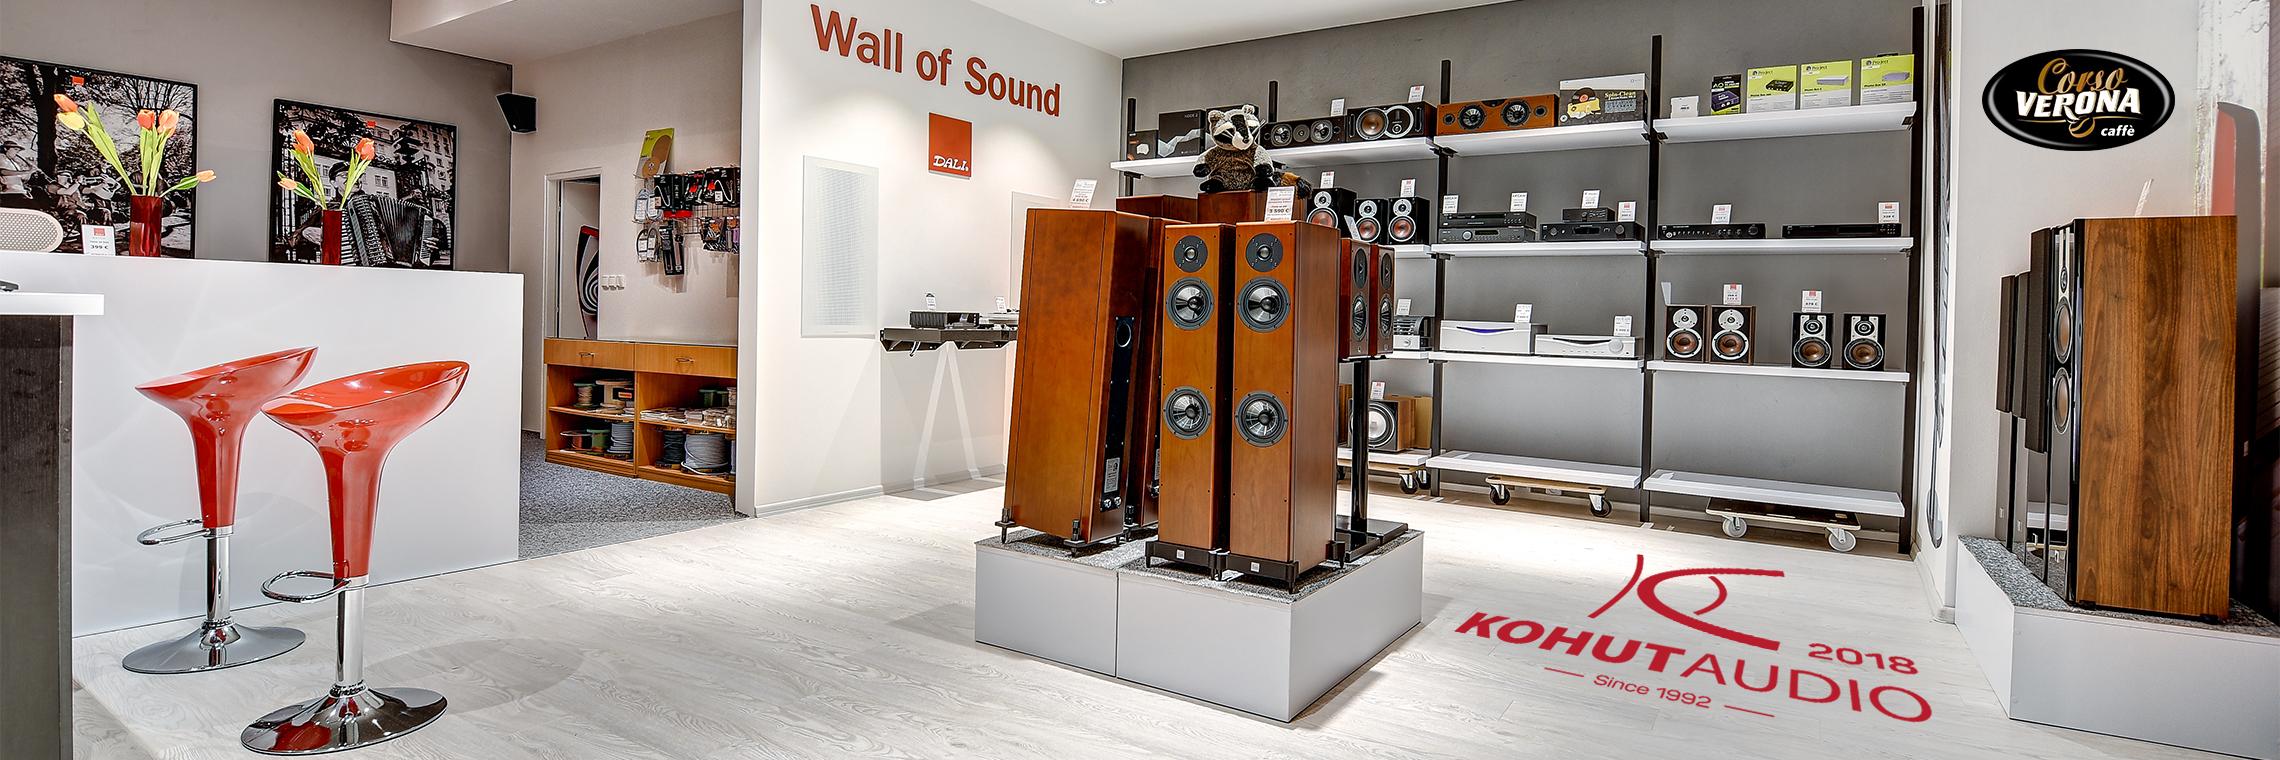 Kohut Audio